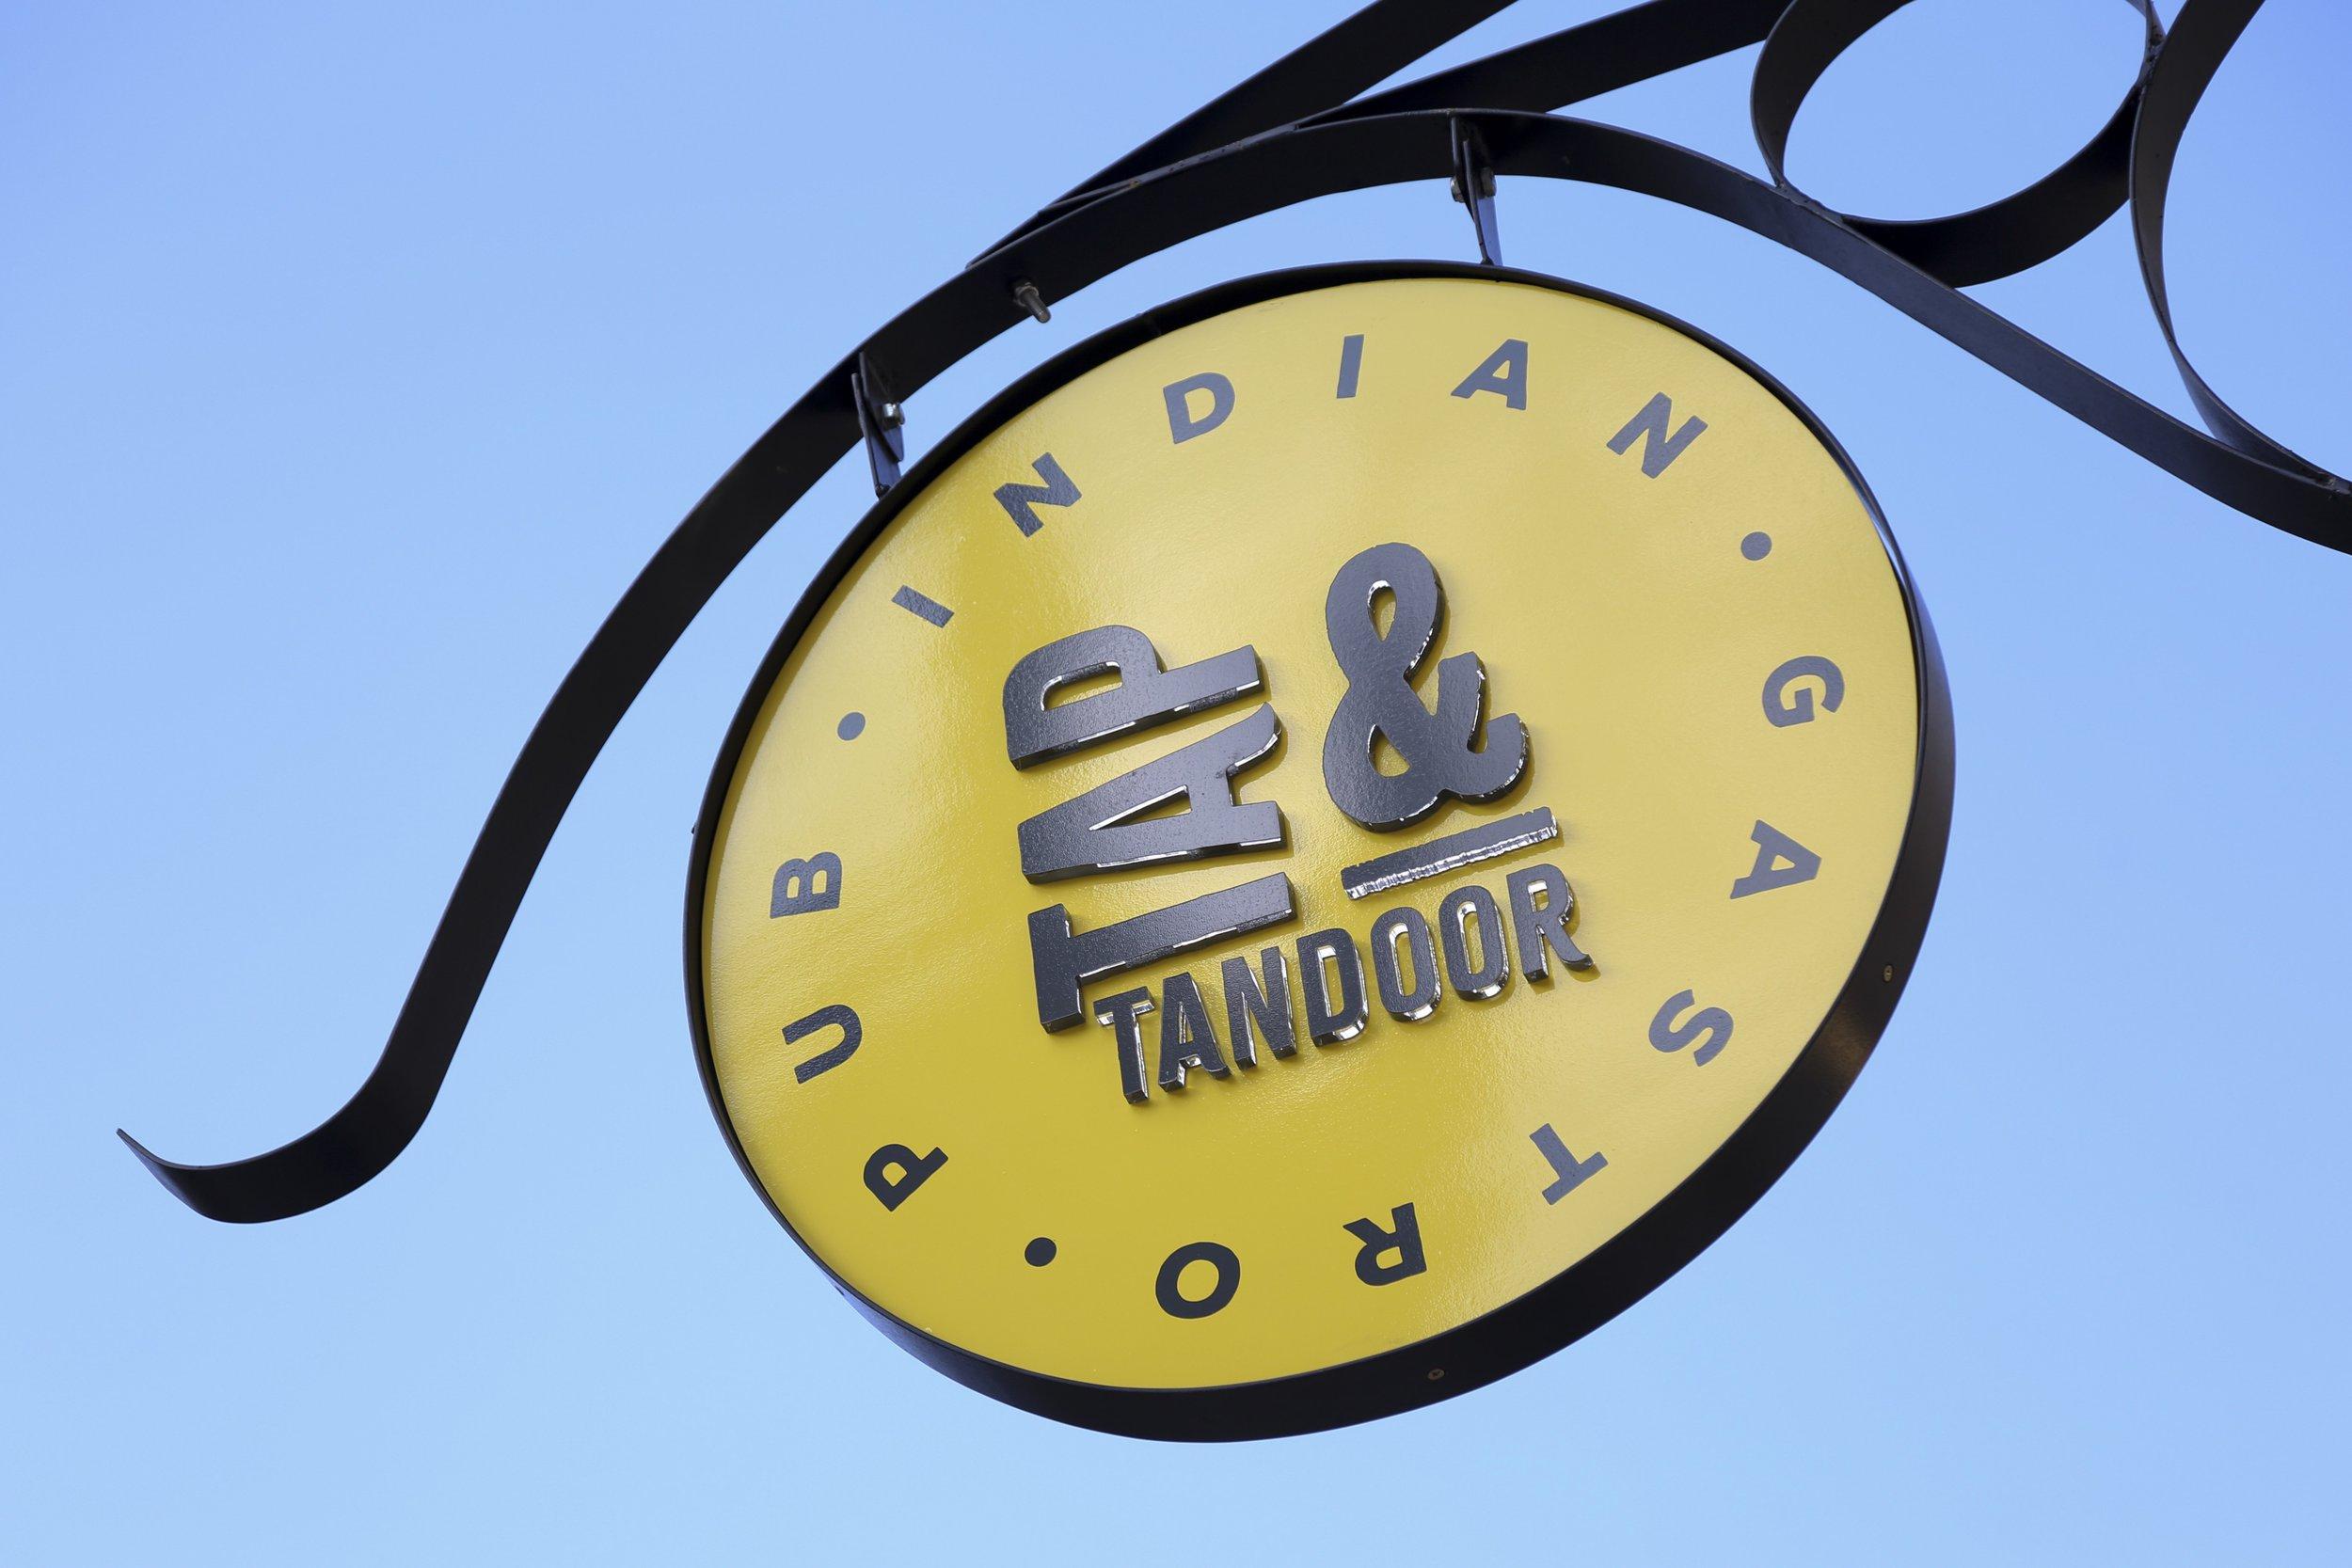 Queensgate Tap & Tandoor 3.jpg